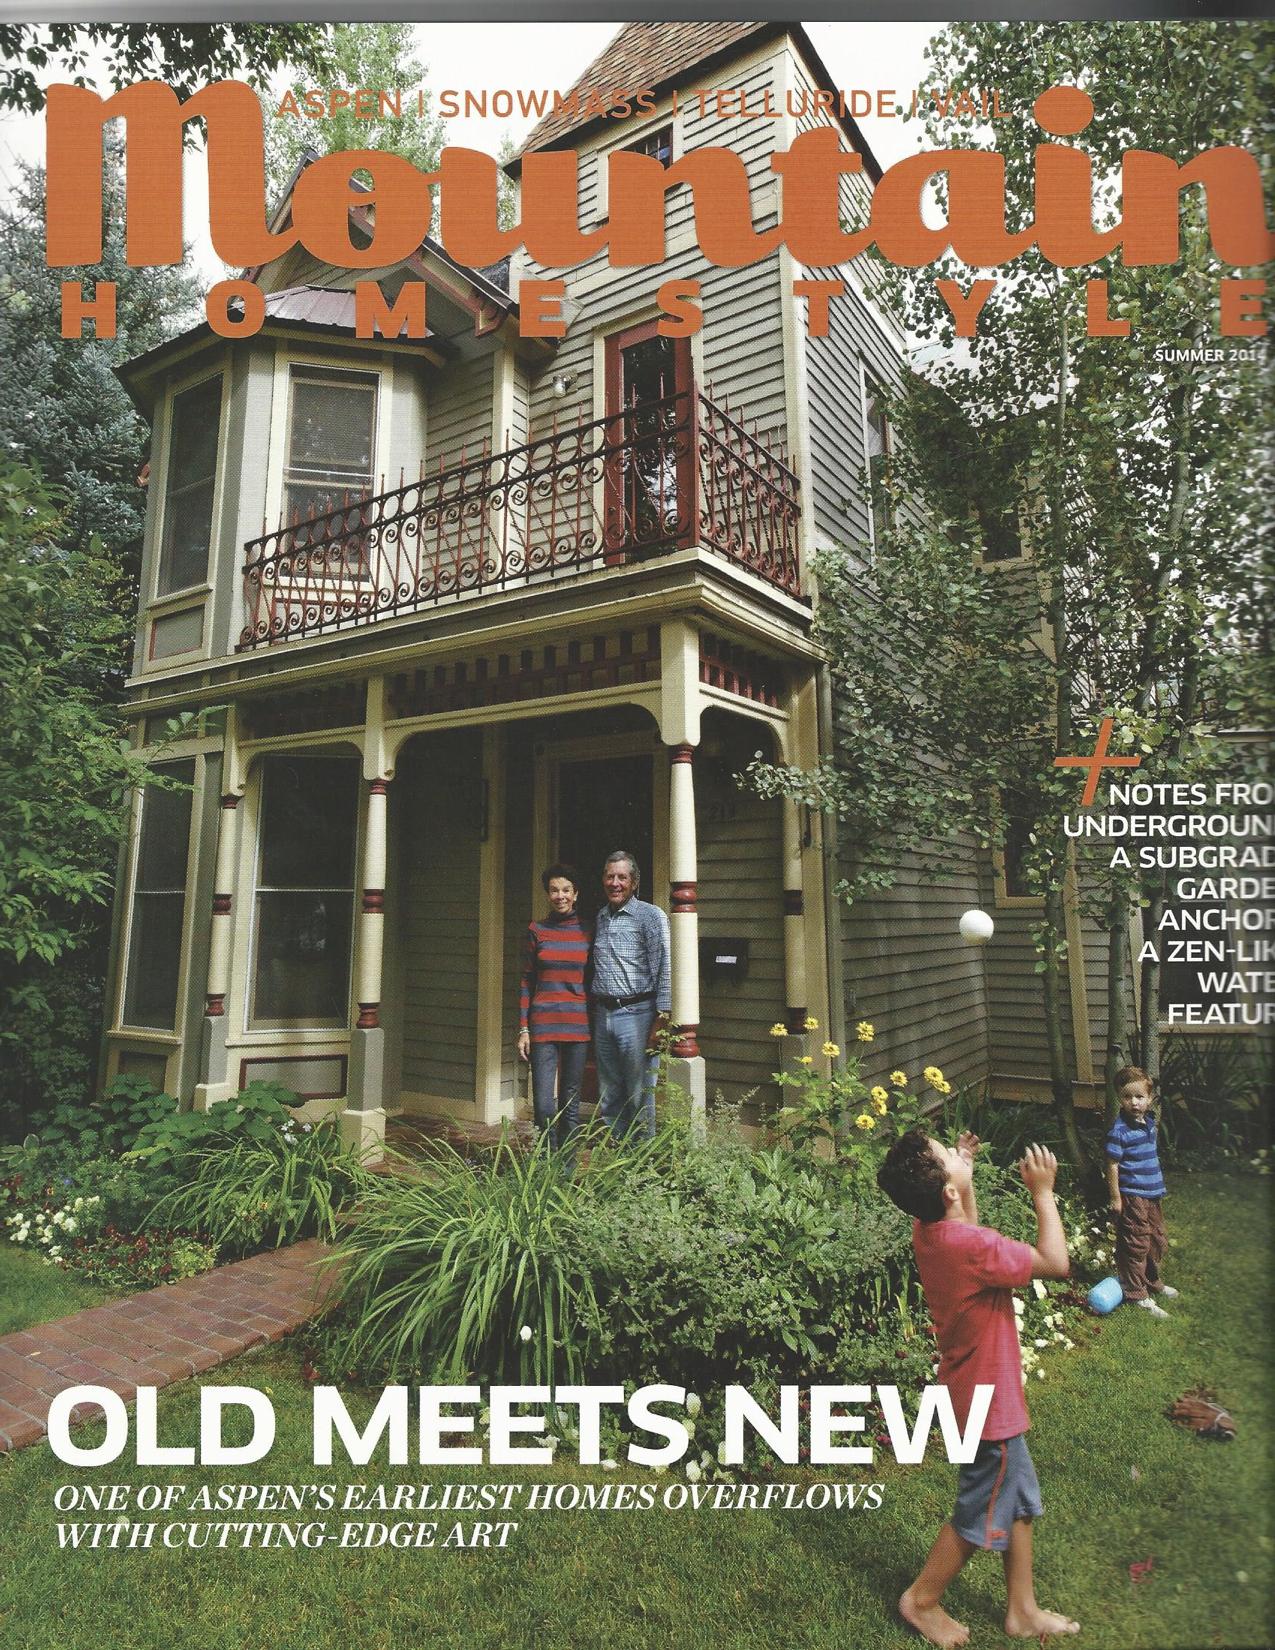 Publication Mt Homestyle summer 2014 214 E Hopkins.jpg